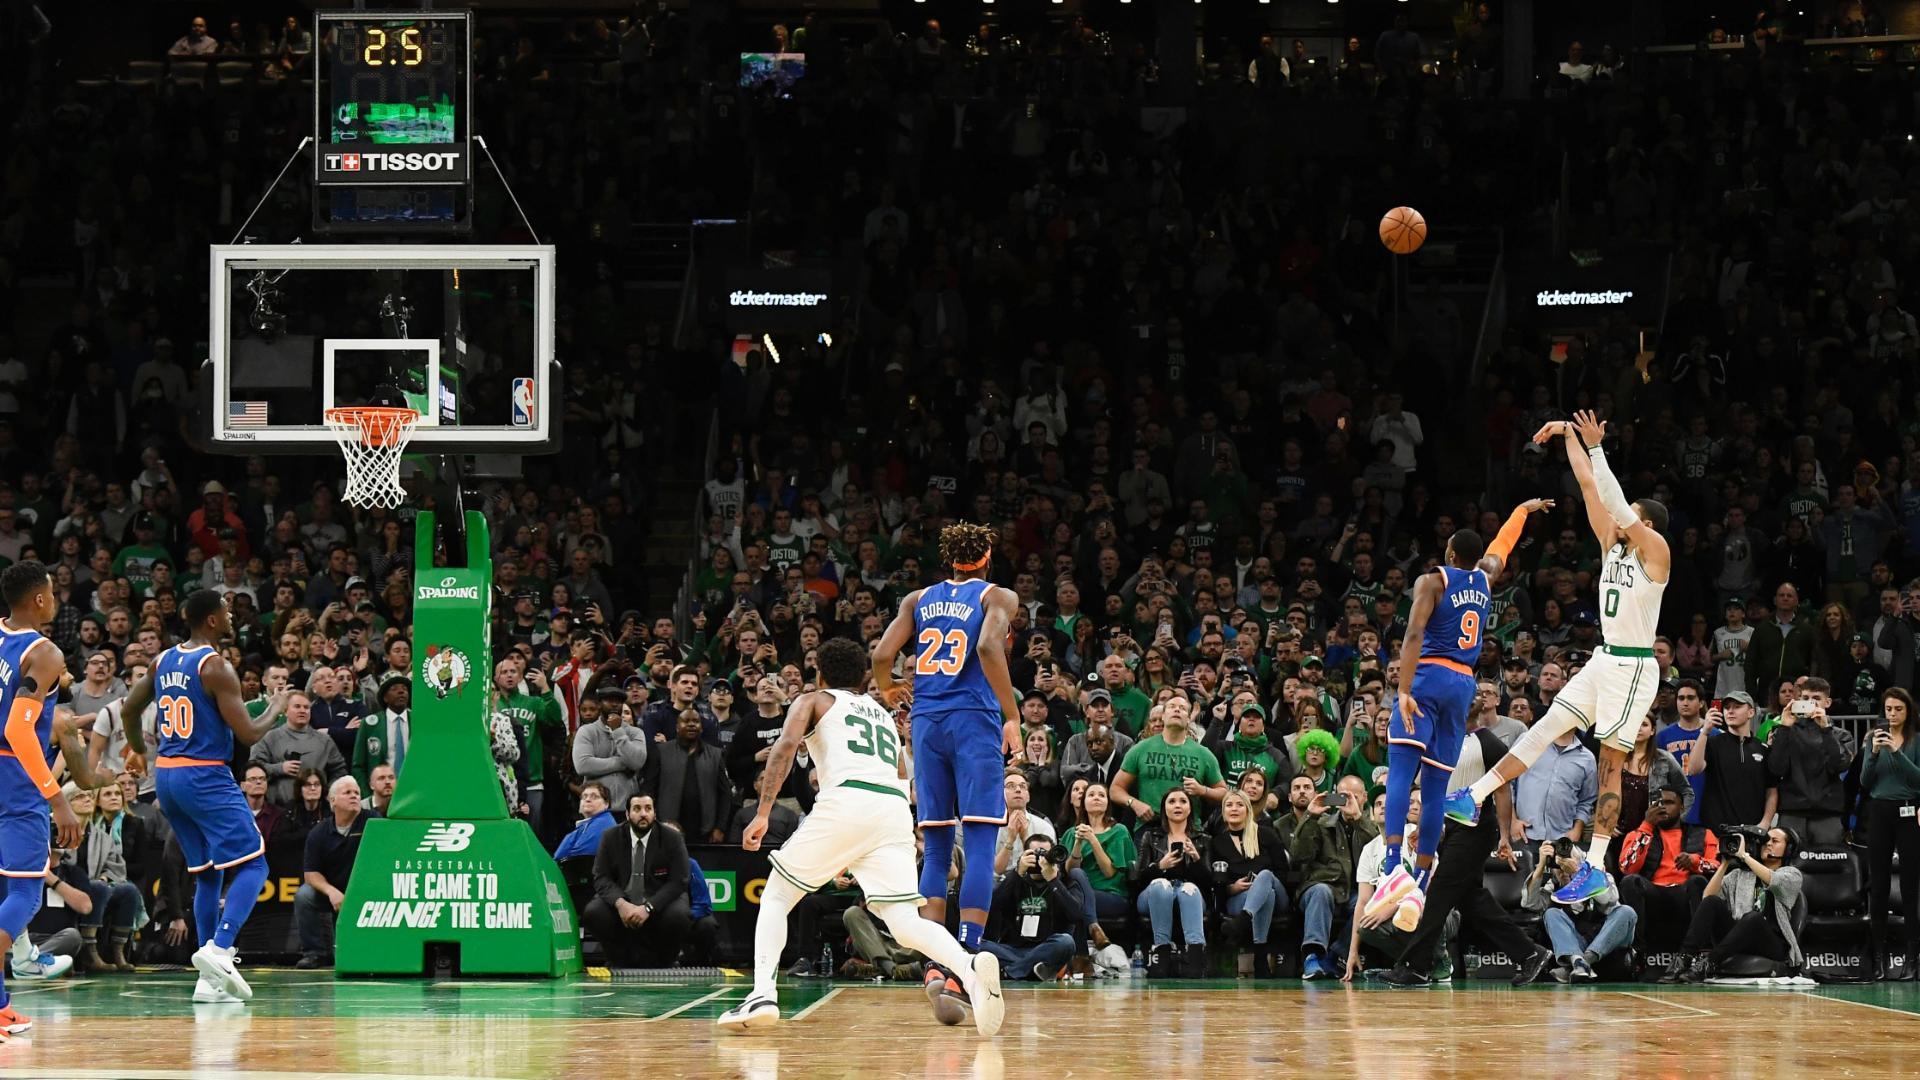 Tatum drills winning shot vs. Knicks